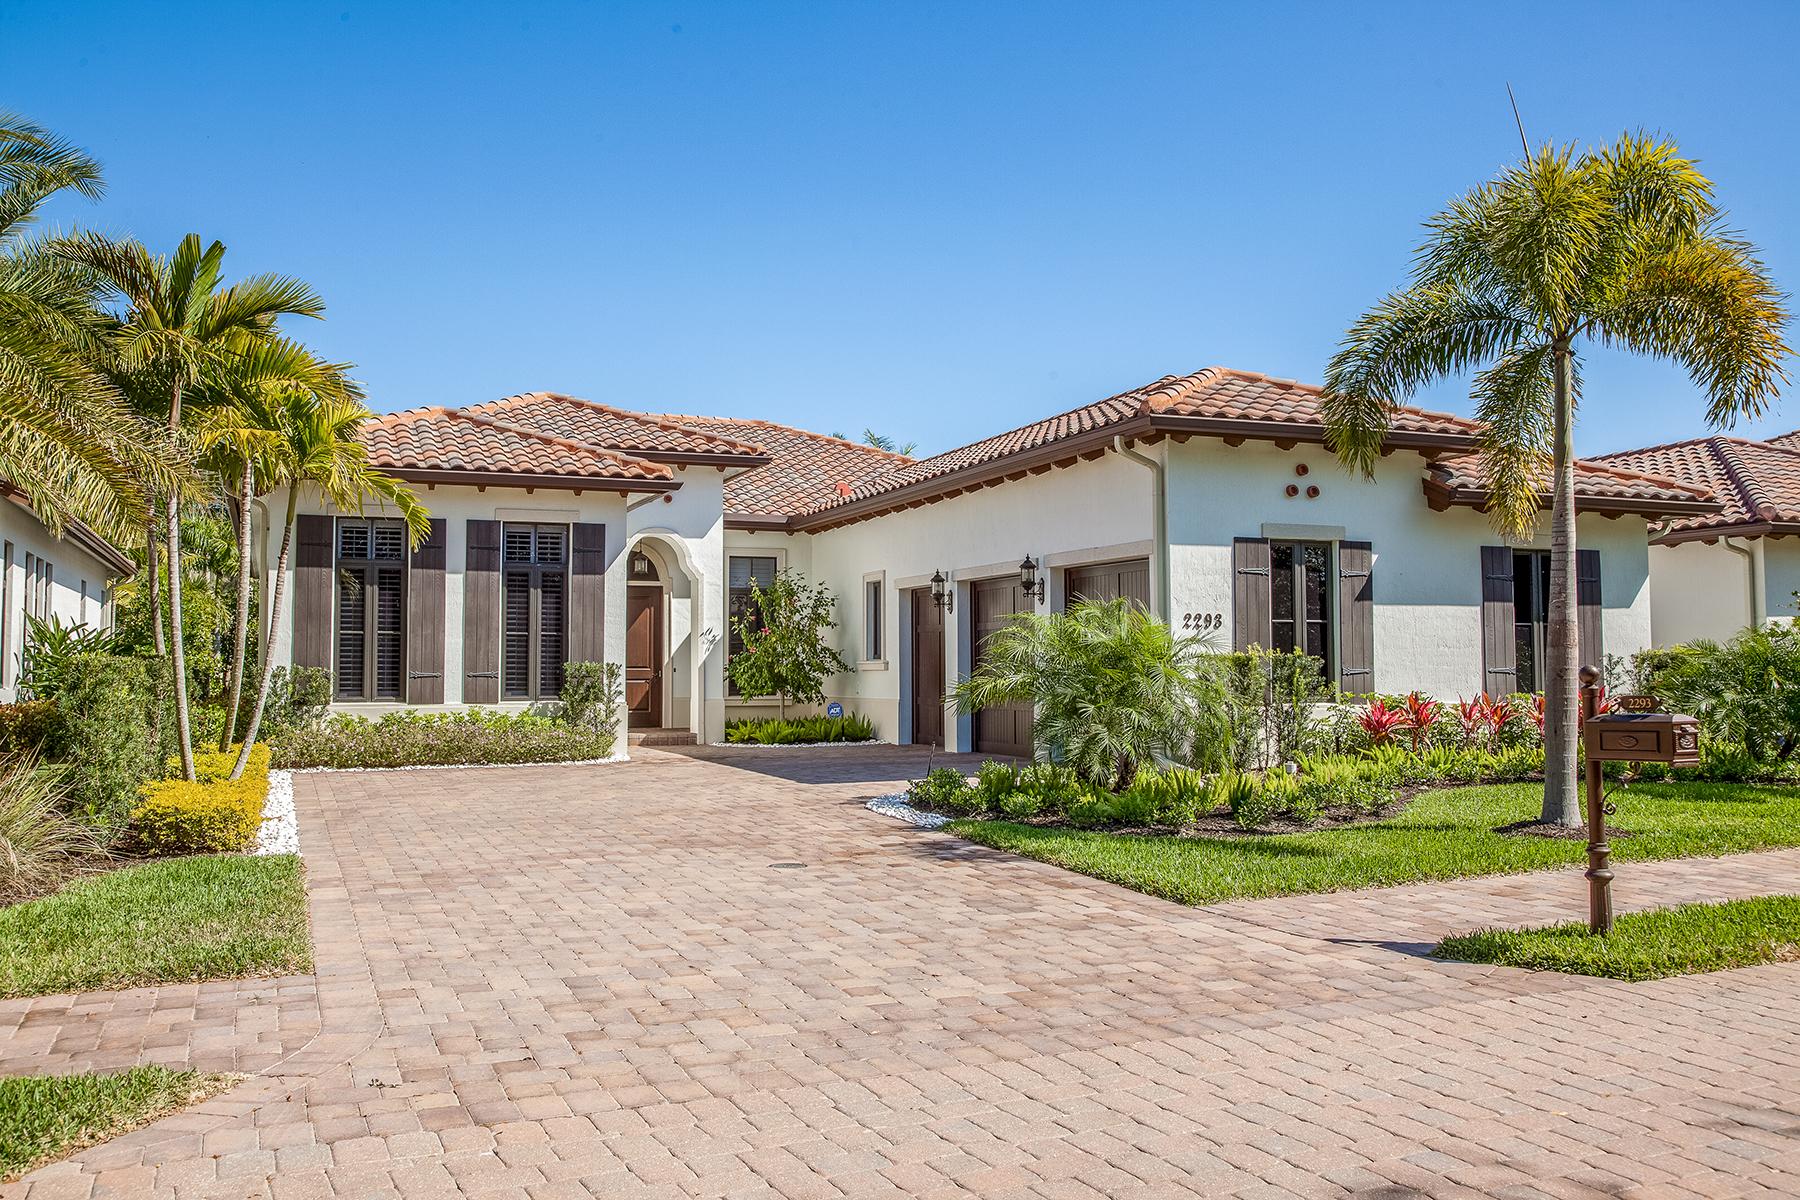 Villa per Vendita alle ore GREY OAKS - TRADITIONS 2293 Residence Cir Naples, Florida, 34105 Stati Uniti